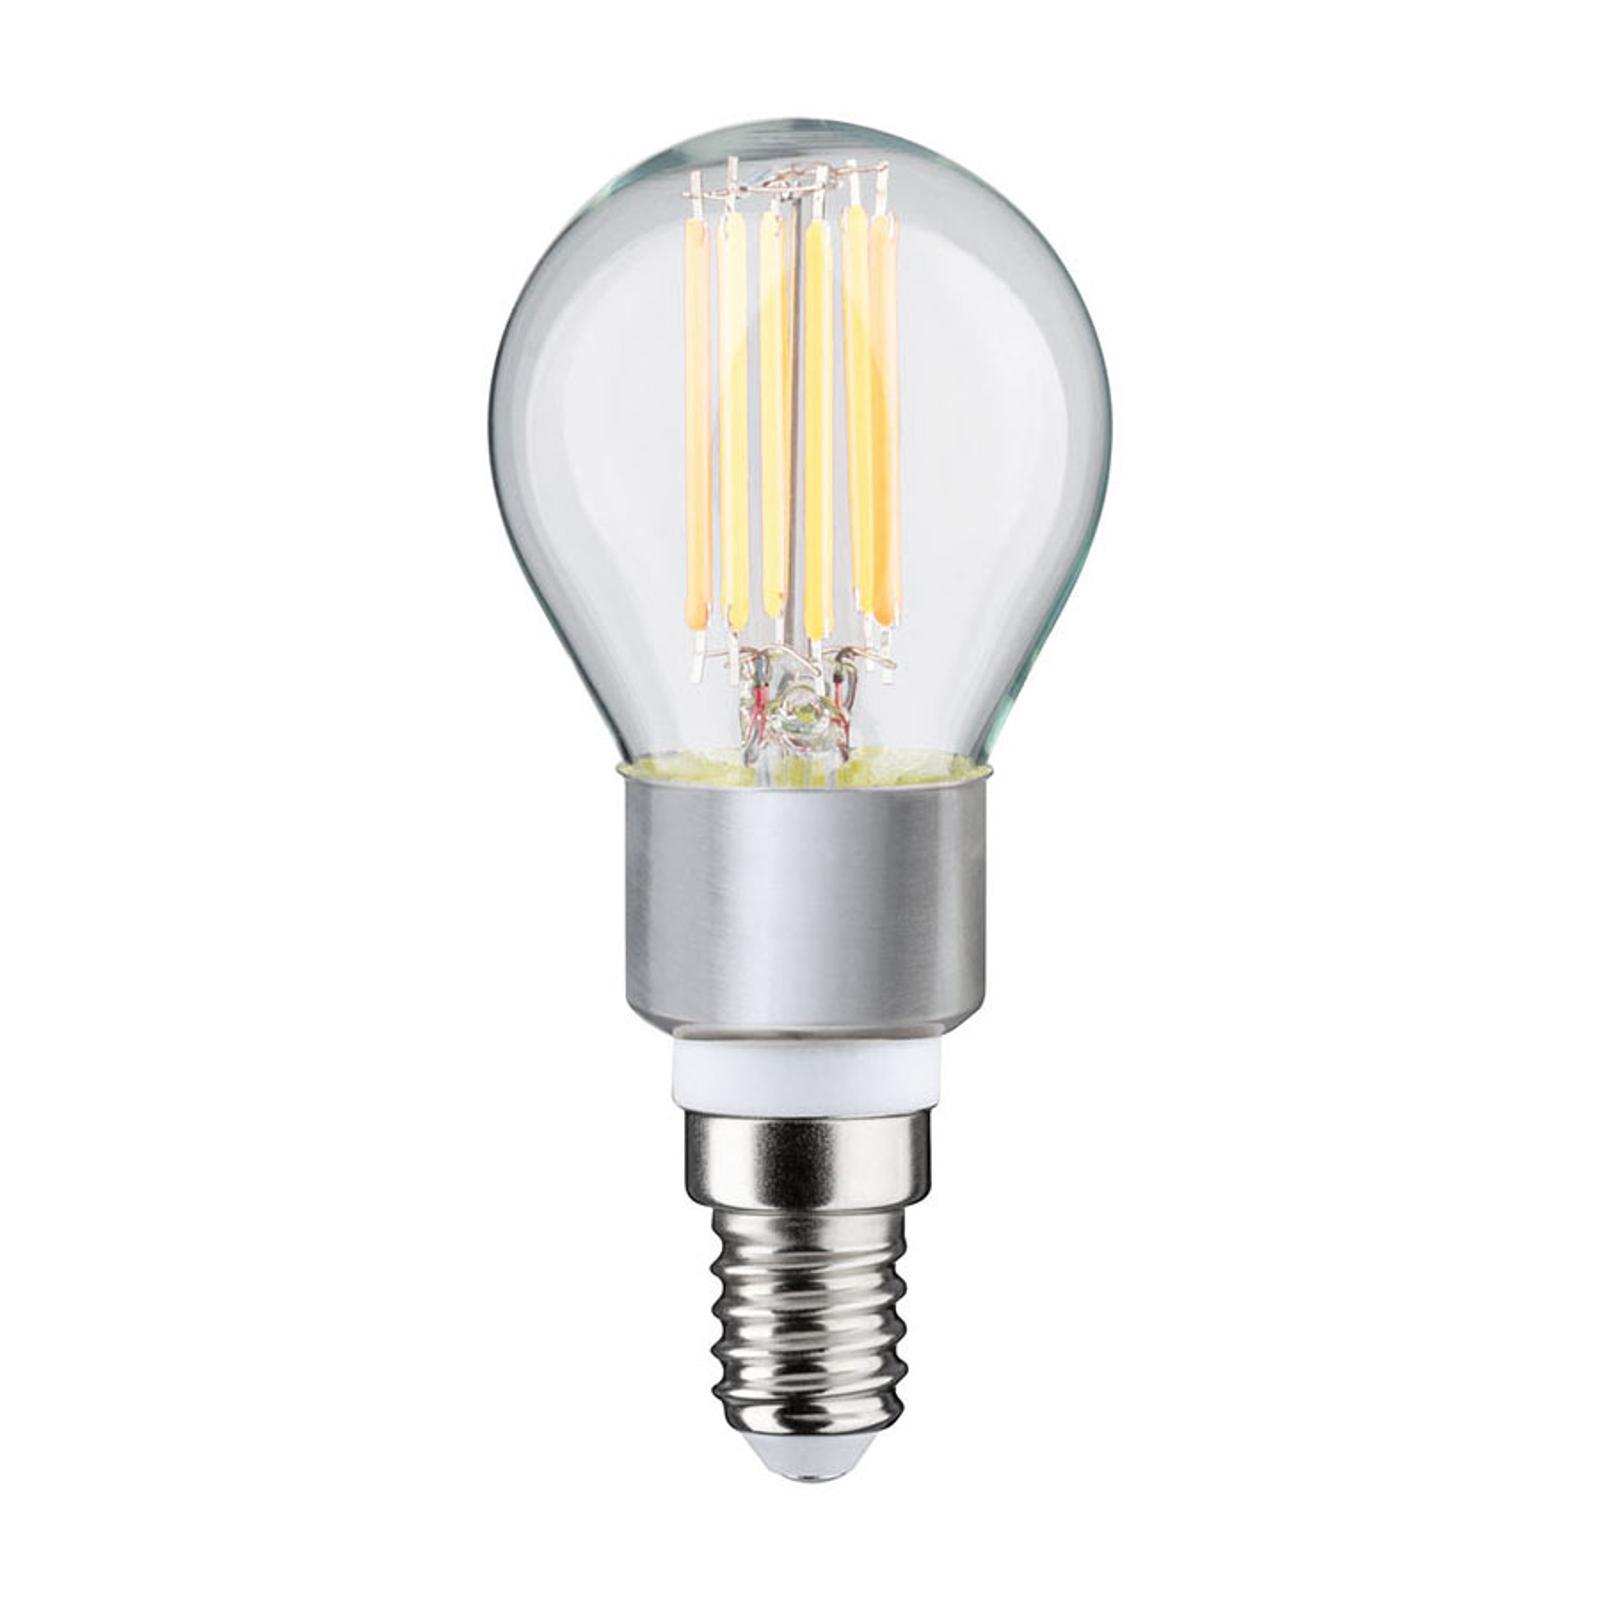 Paulmann LED-Tropfenlampe E14 5W dim to warm